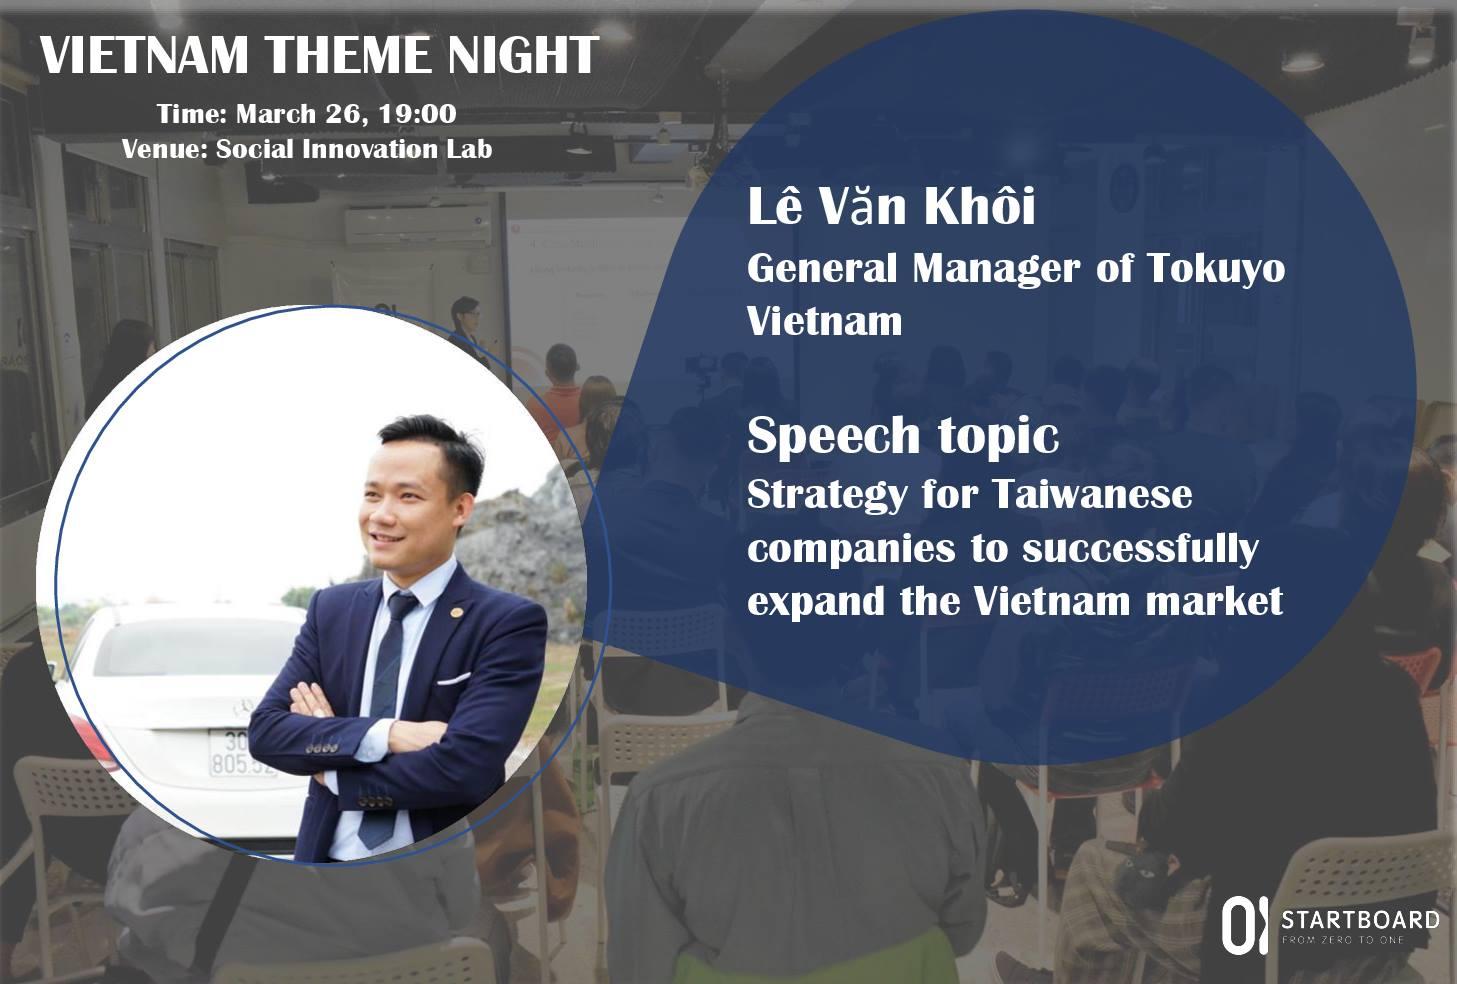 CEO Ghế massage Tokuyo Việt Nam Chia sẻ Kinh nghiệm Khởi nghiệp thành công